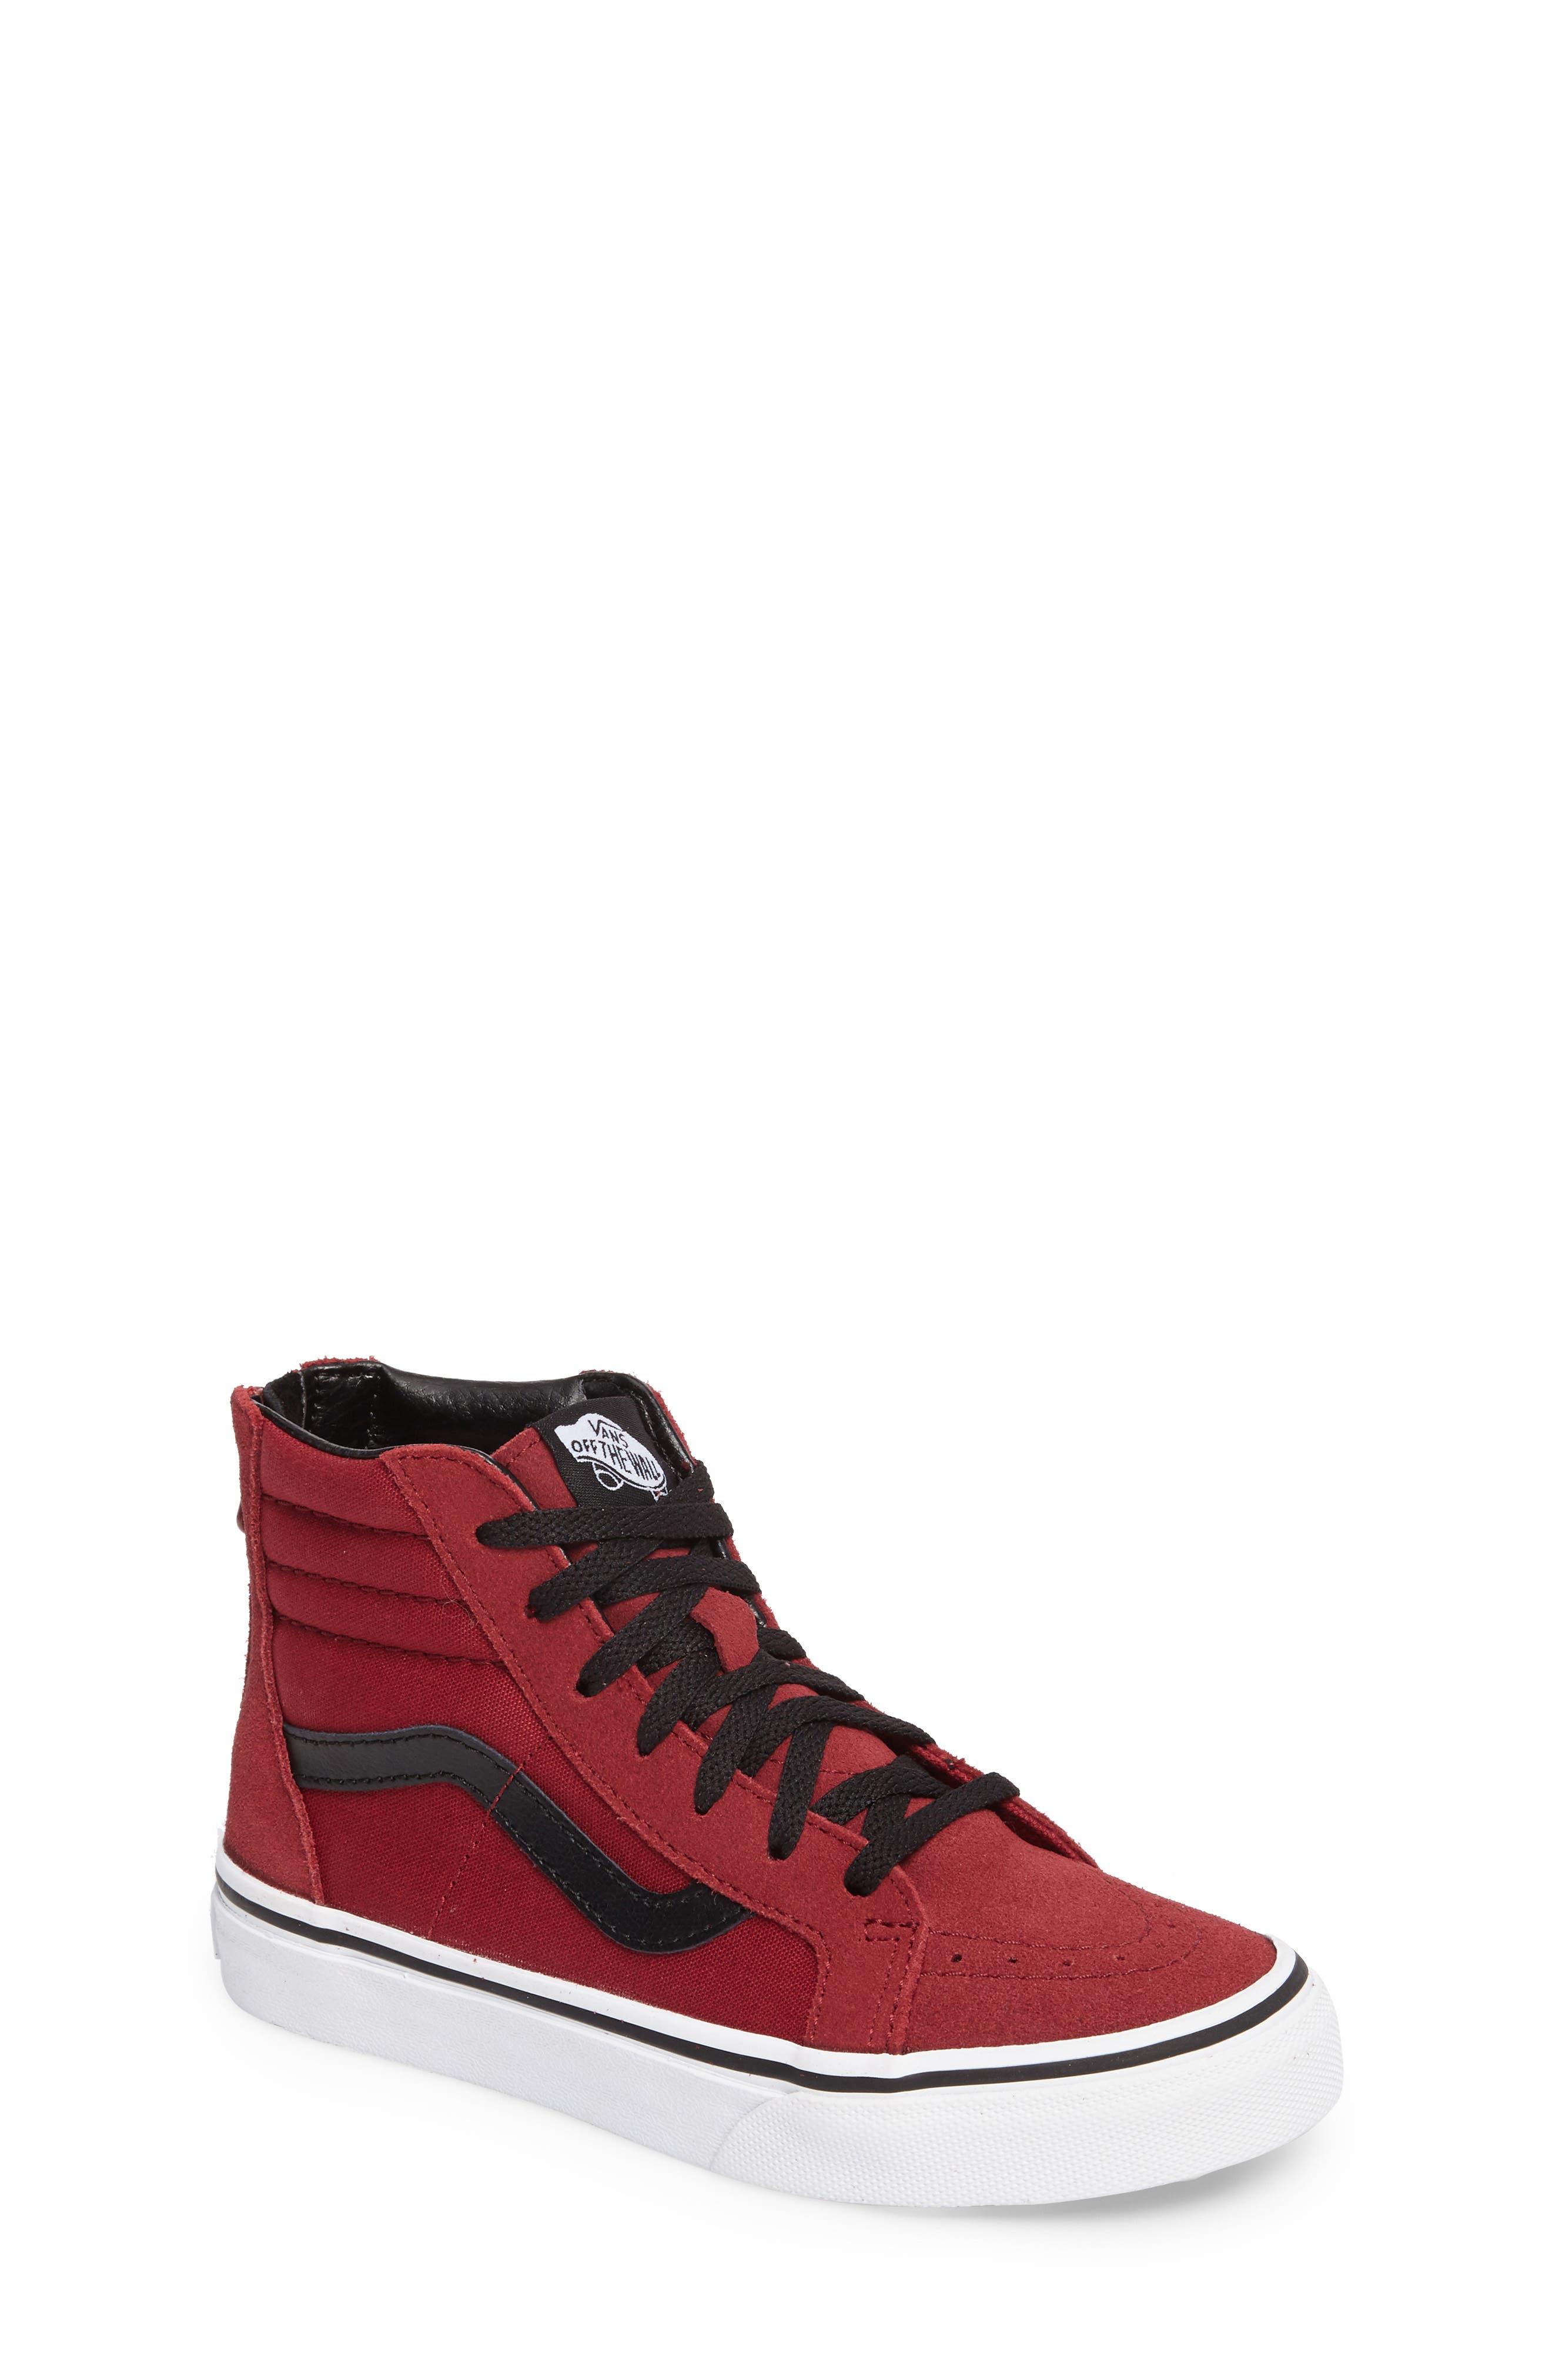 SK8-Hi Zip Sneaker,                         Main,                         color, Tibetan Red/ Black